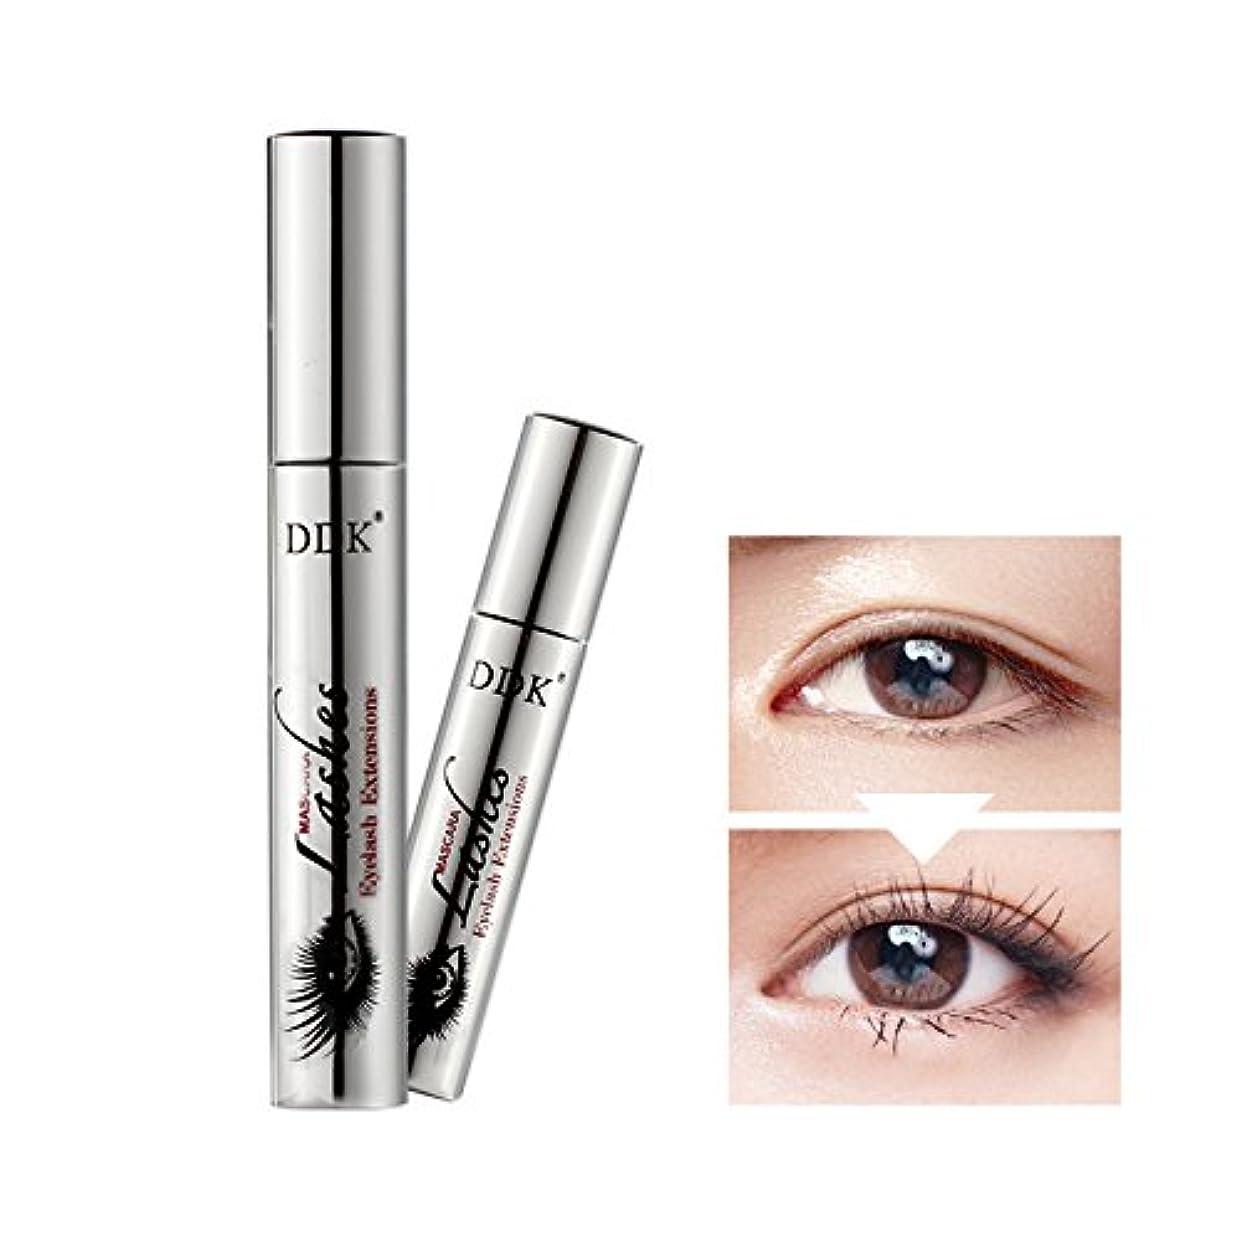 サンドイッチ浮く充電Beautygram DDK 4D MASCARA 4D マスカラ Long Extension Amazing Eyelash ロング エクステンション アメージング まつ毛 [並行輸入品]